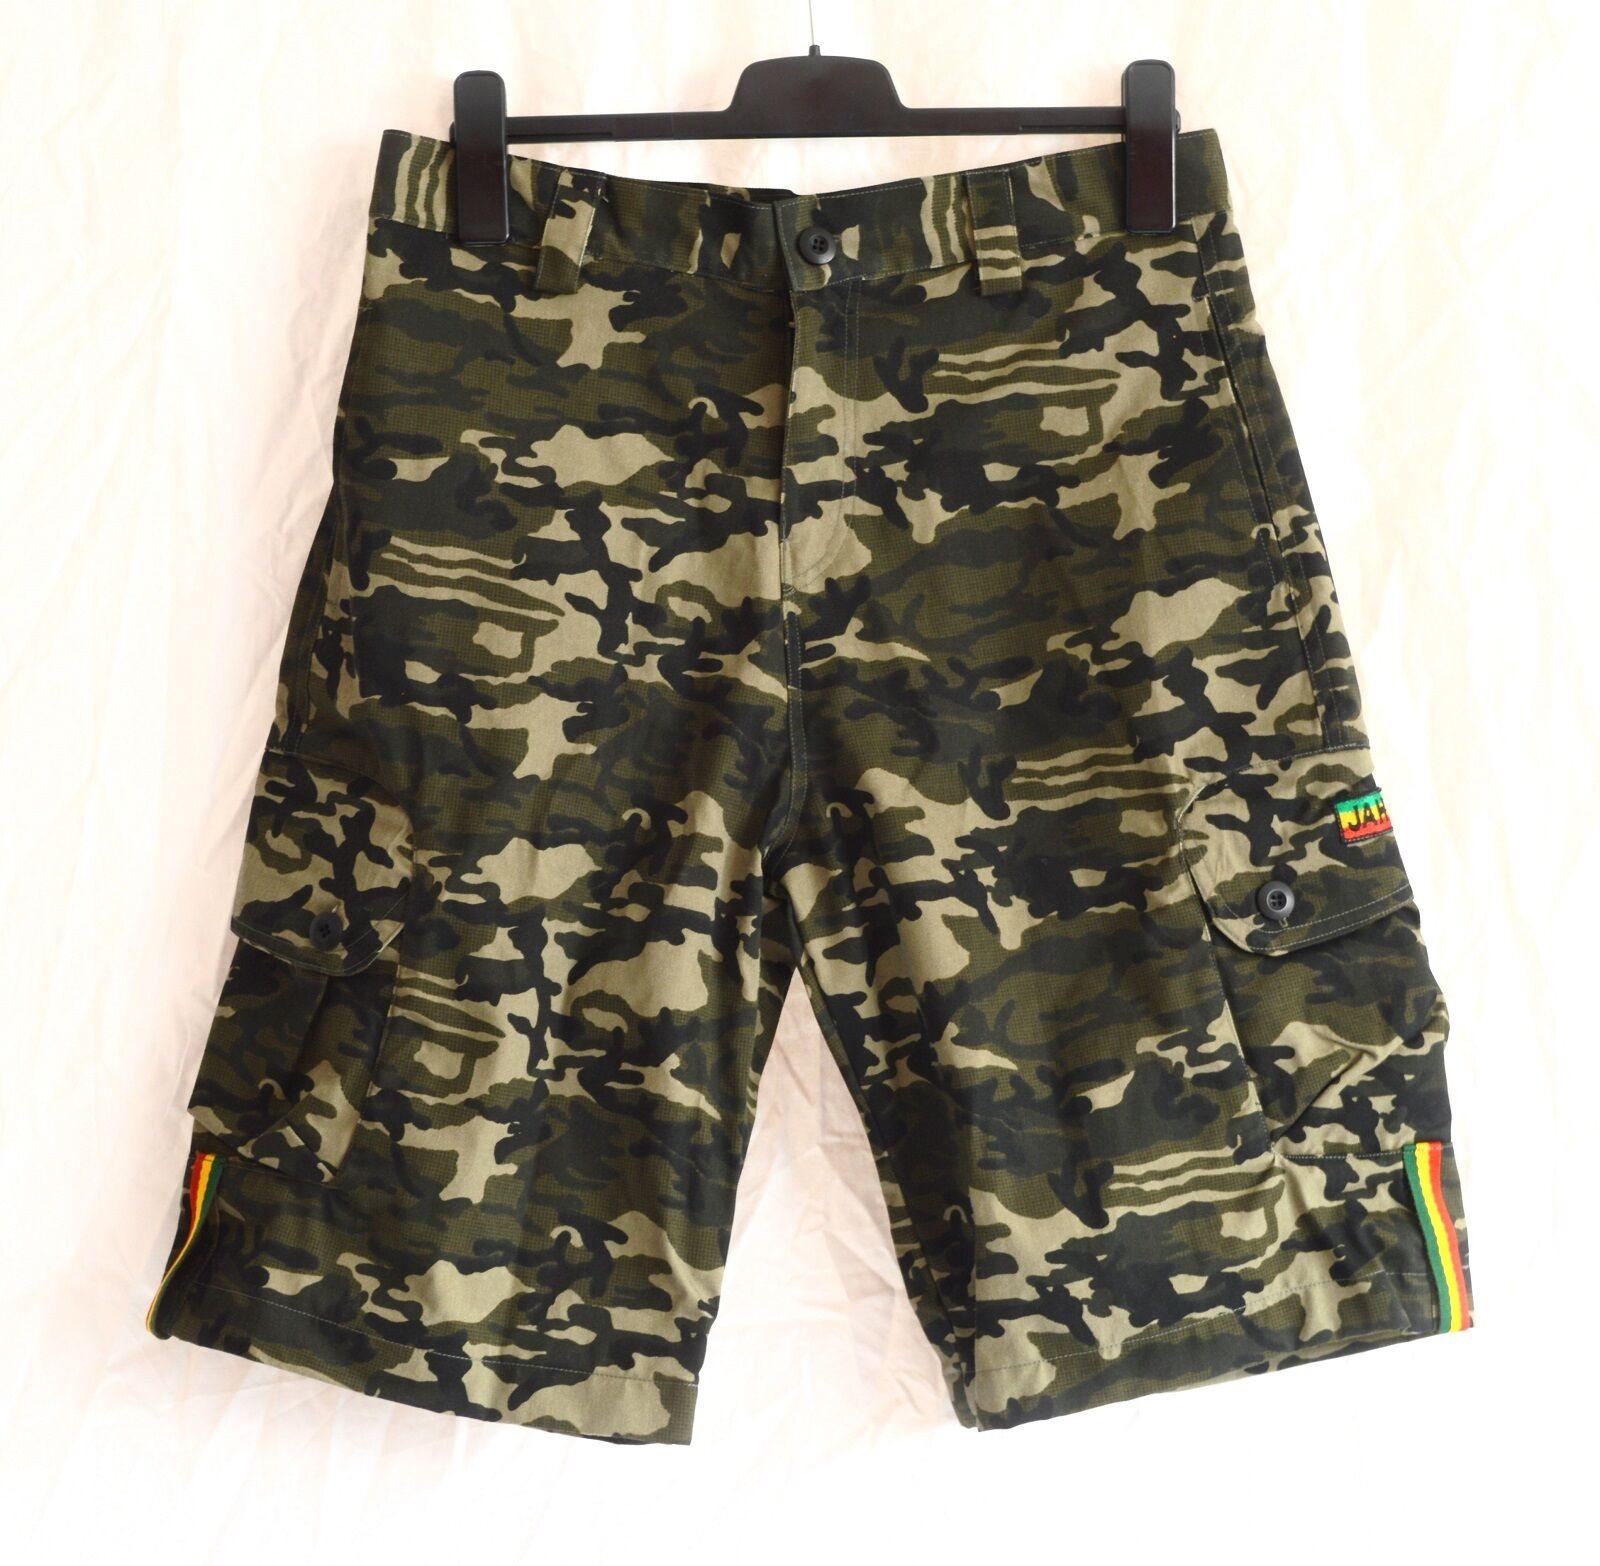 Rasta Shorts Bermuda _ _ camouflage _ Bermuda Shorts _ reggae, Jah Army